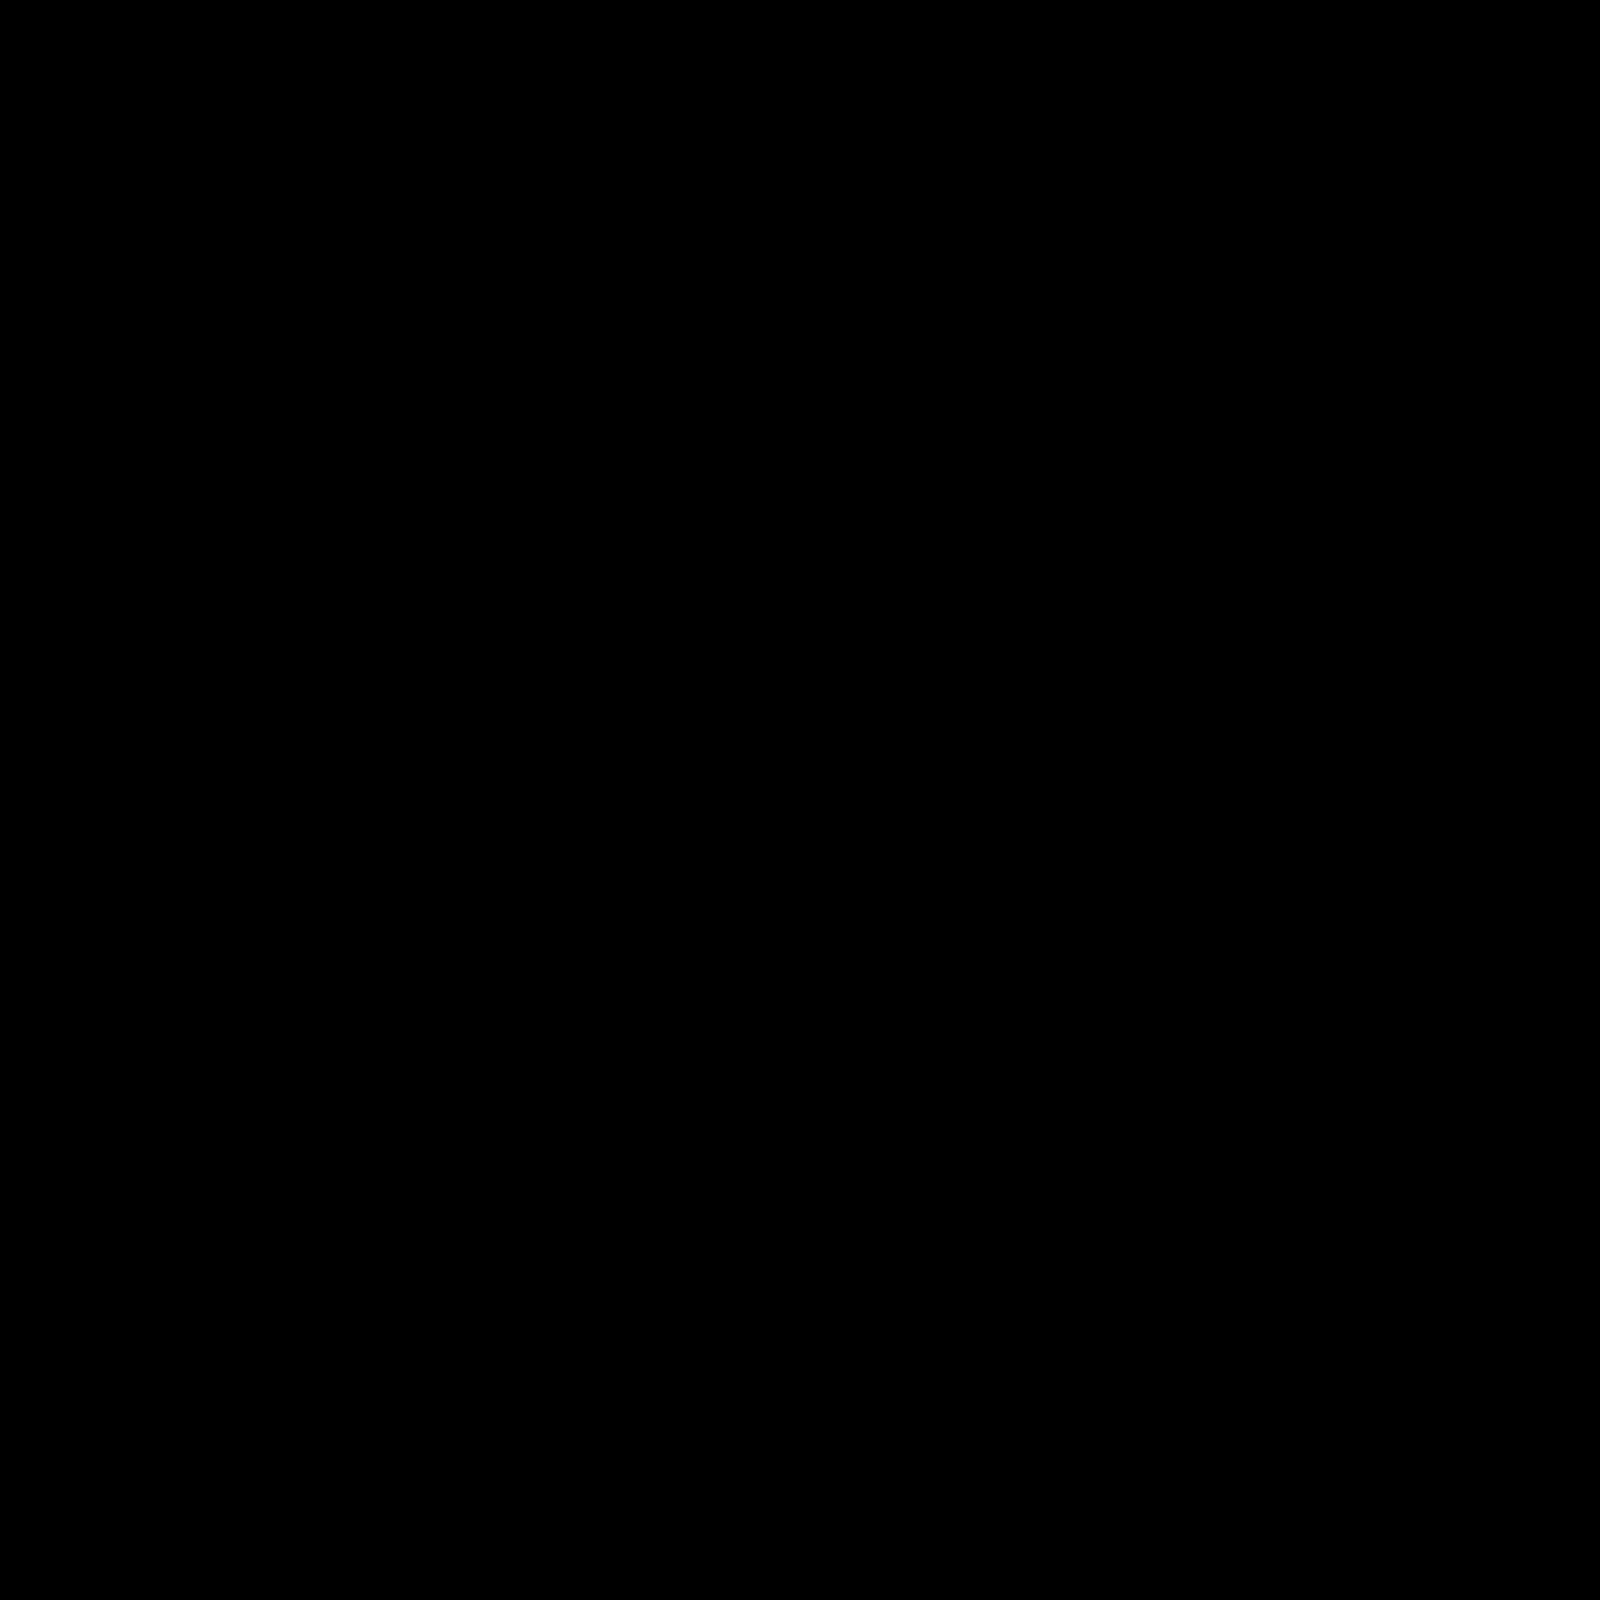 pisces symbol 2